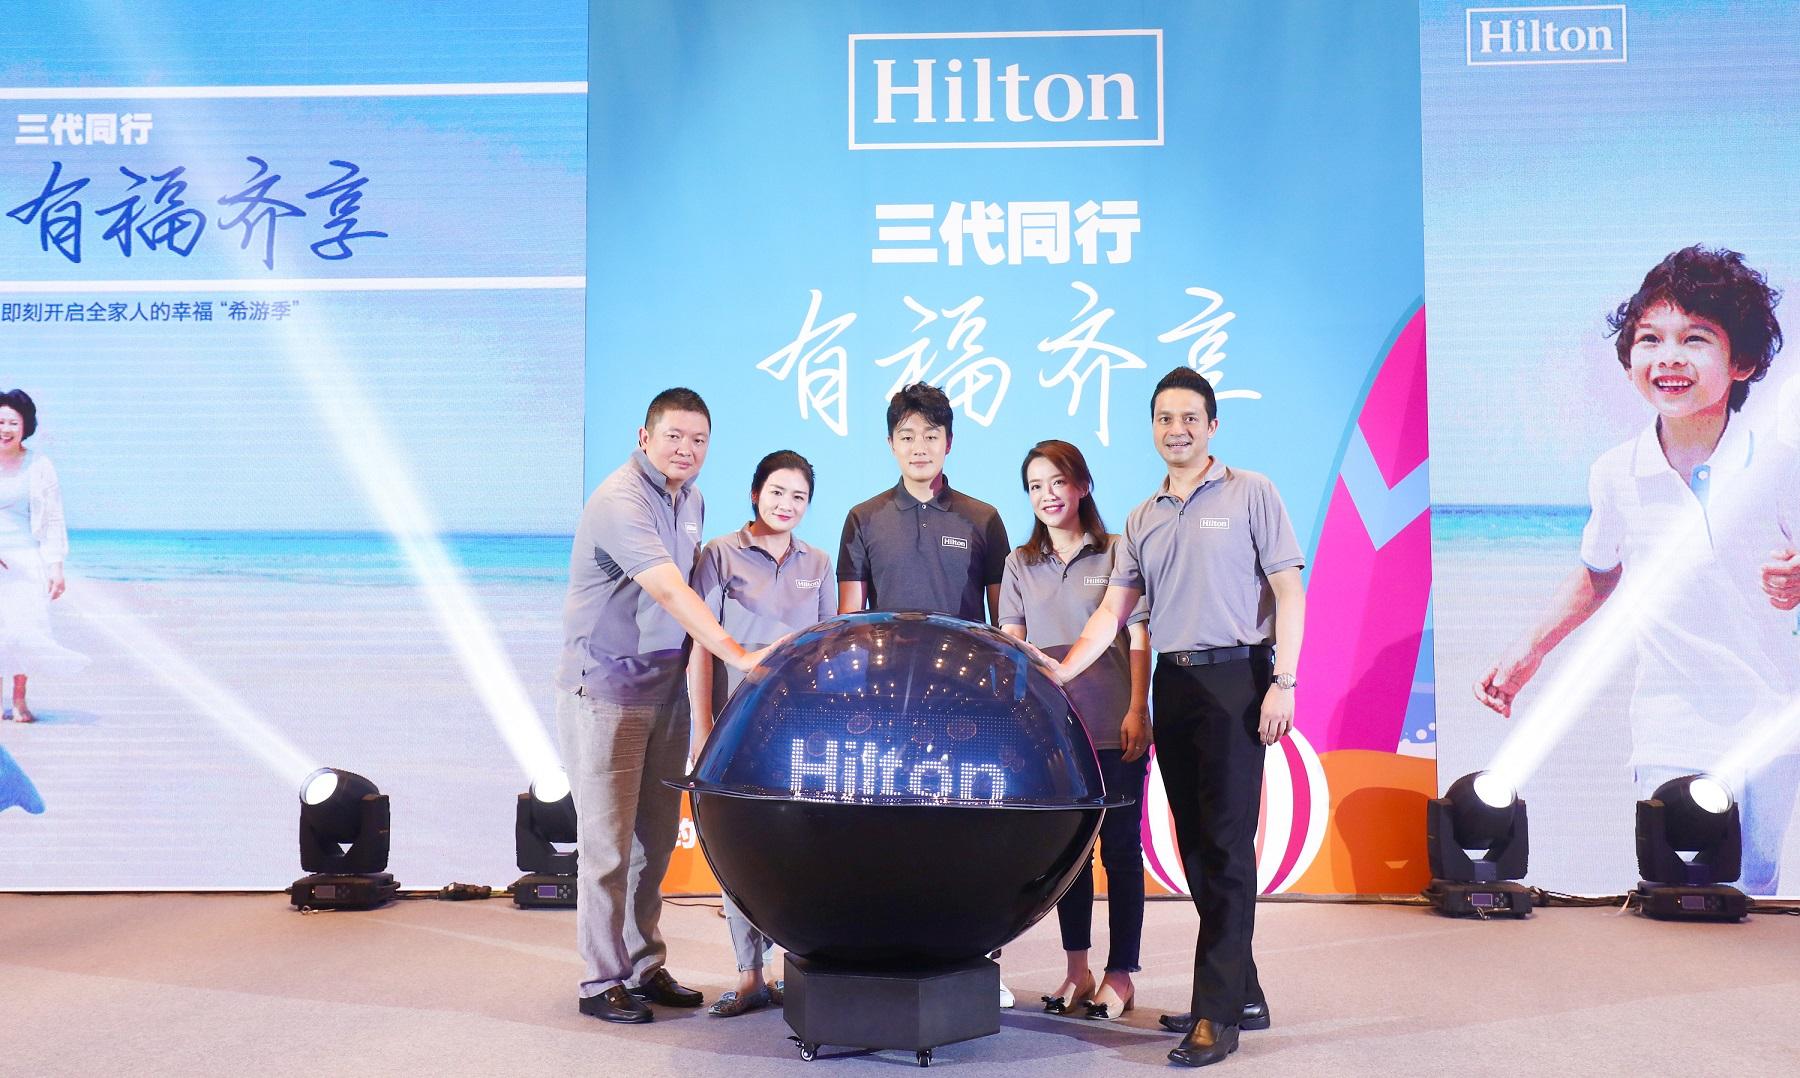 """希尔顿""""三代同行 有福齐享""""家庭活动在海南启"""